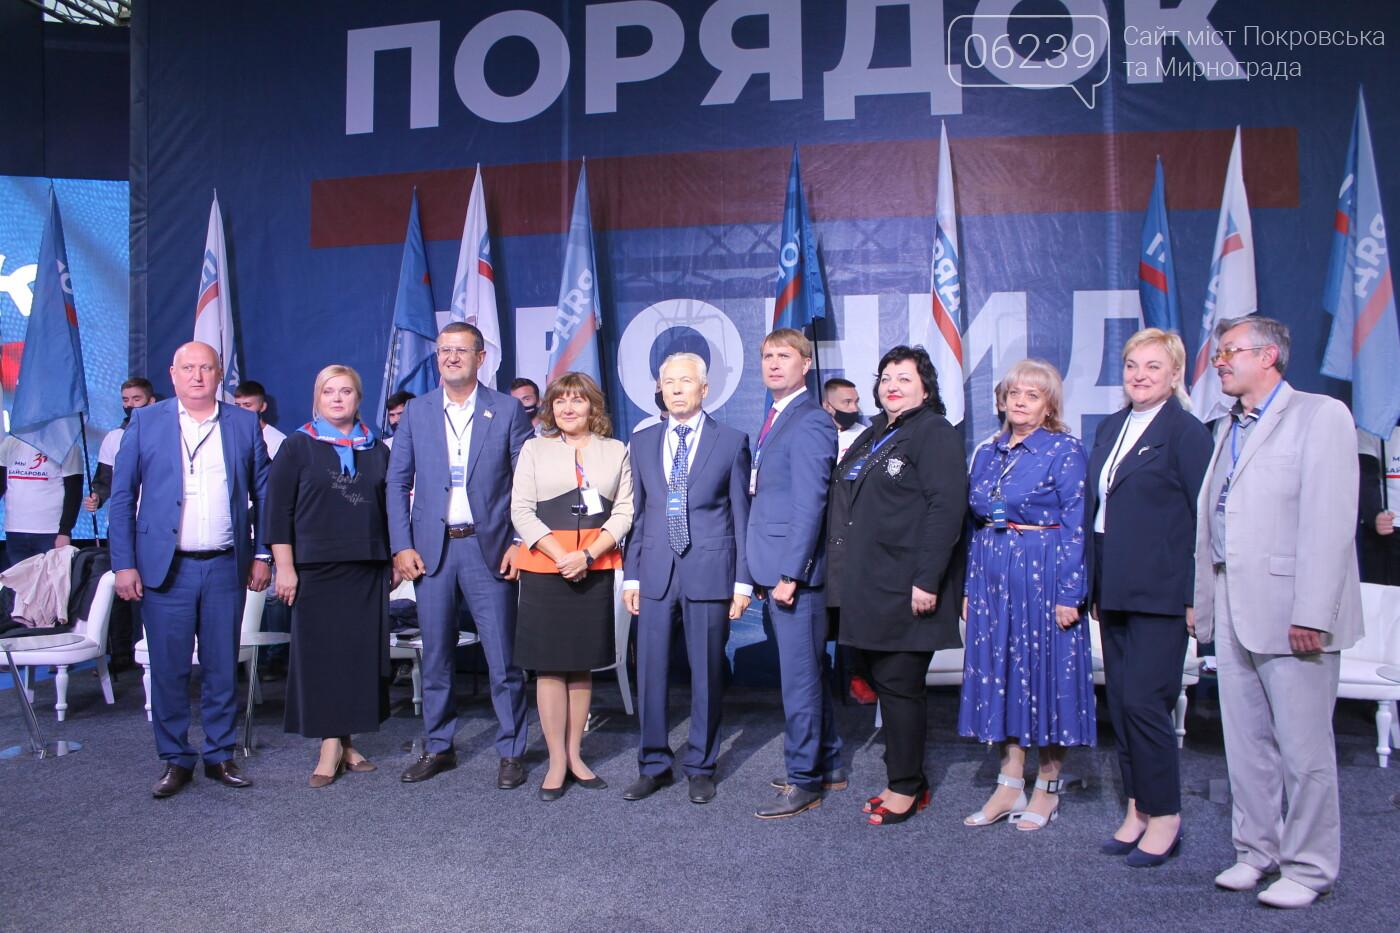 Состоялась объединенная областная конференция партии «Порядок», фото-40